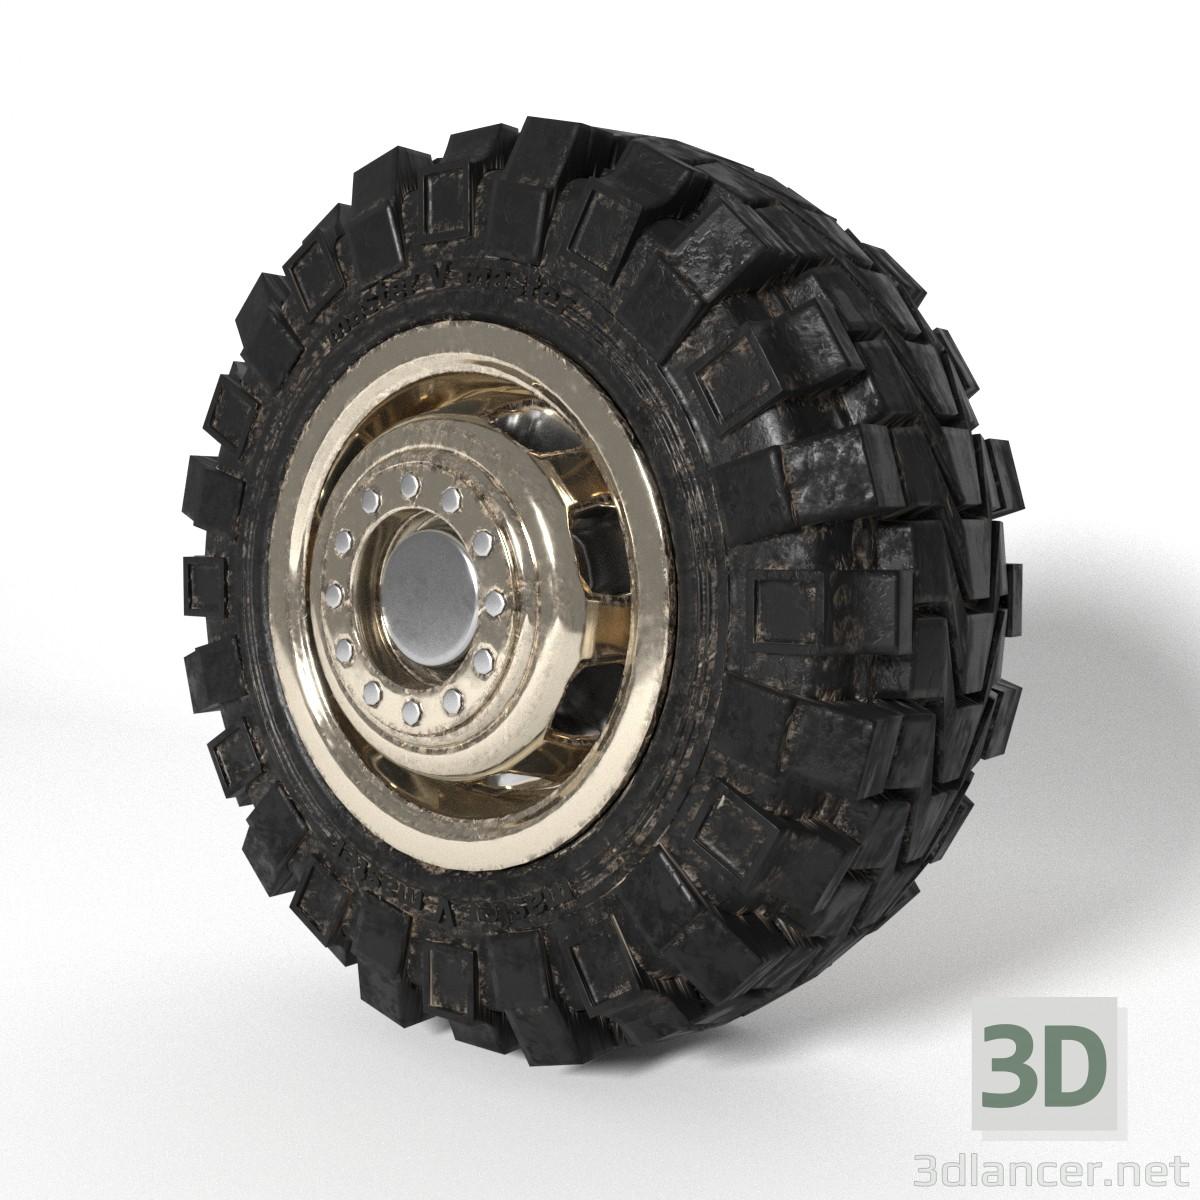 3d modeling Truck wheel model free download